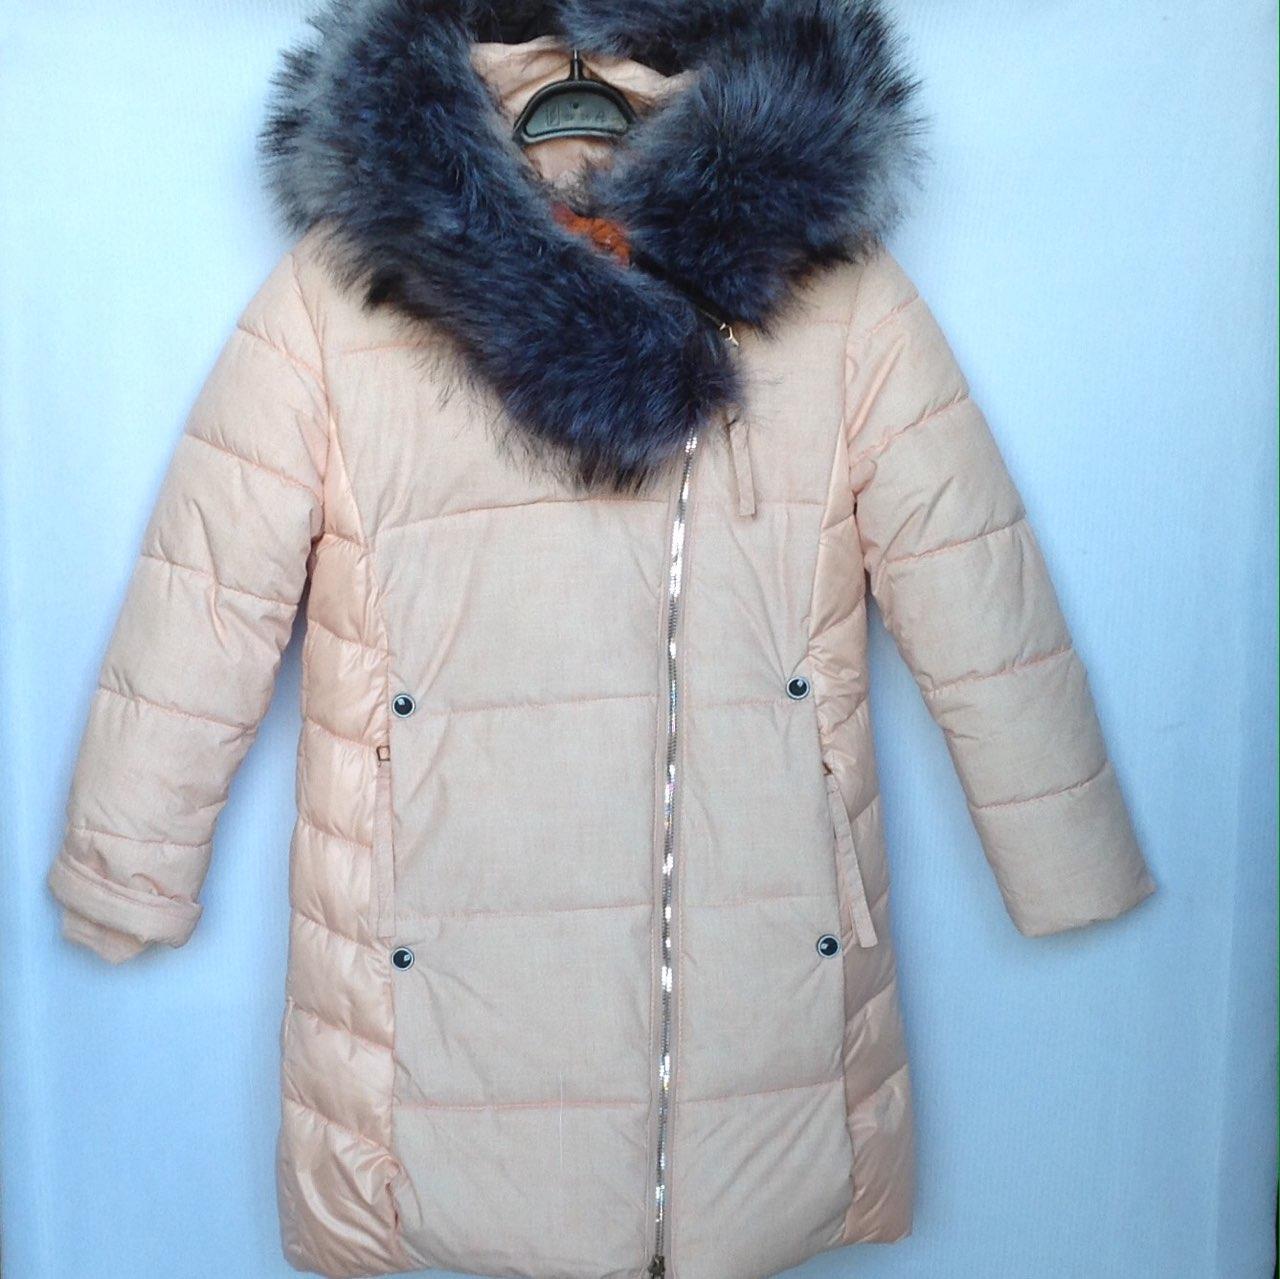 Куртка-пальто подростковая зимняя MaliM #1756 для девочек. 128-152 см (8-12 лет). Бежевая. Оптом., фото 1